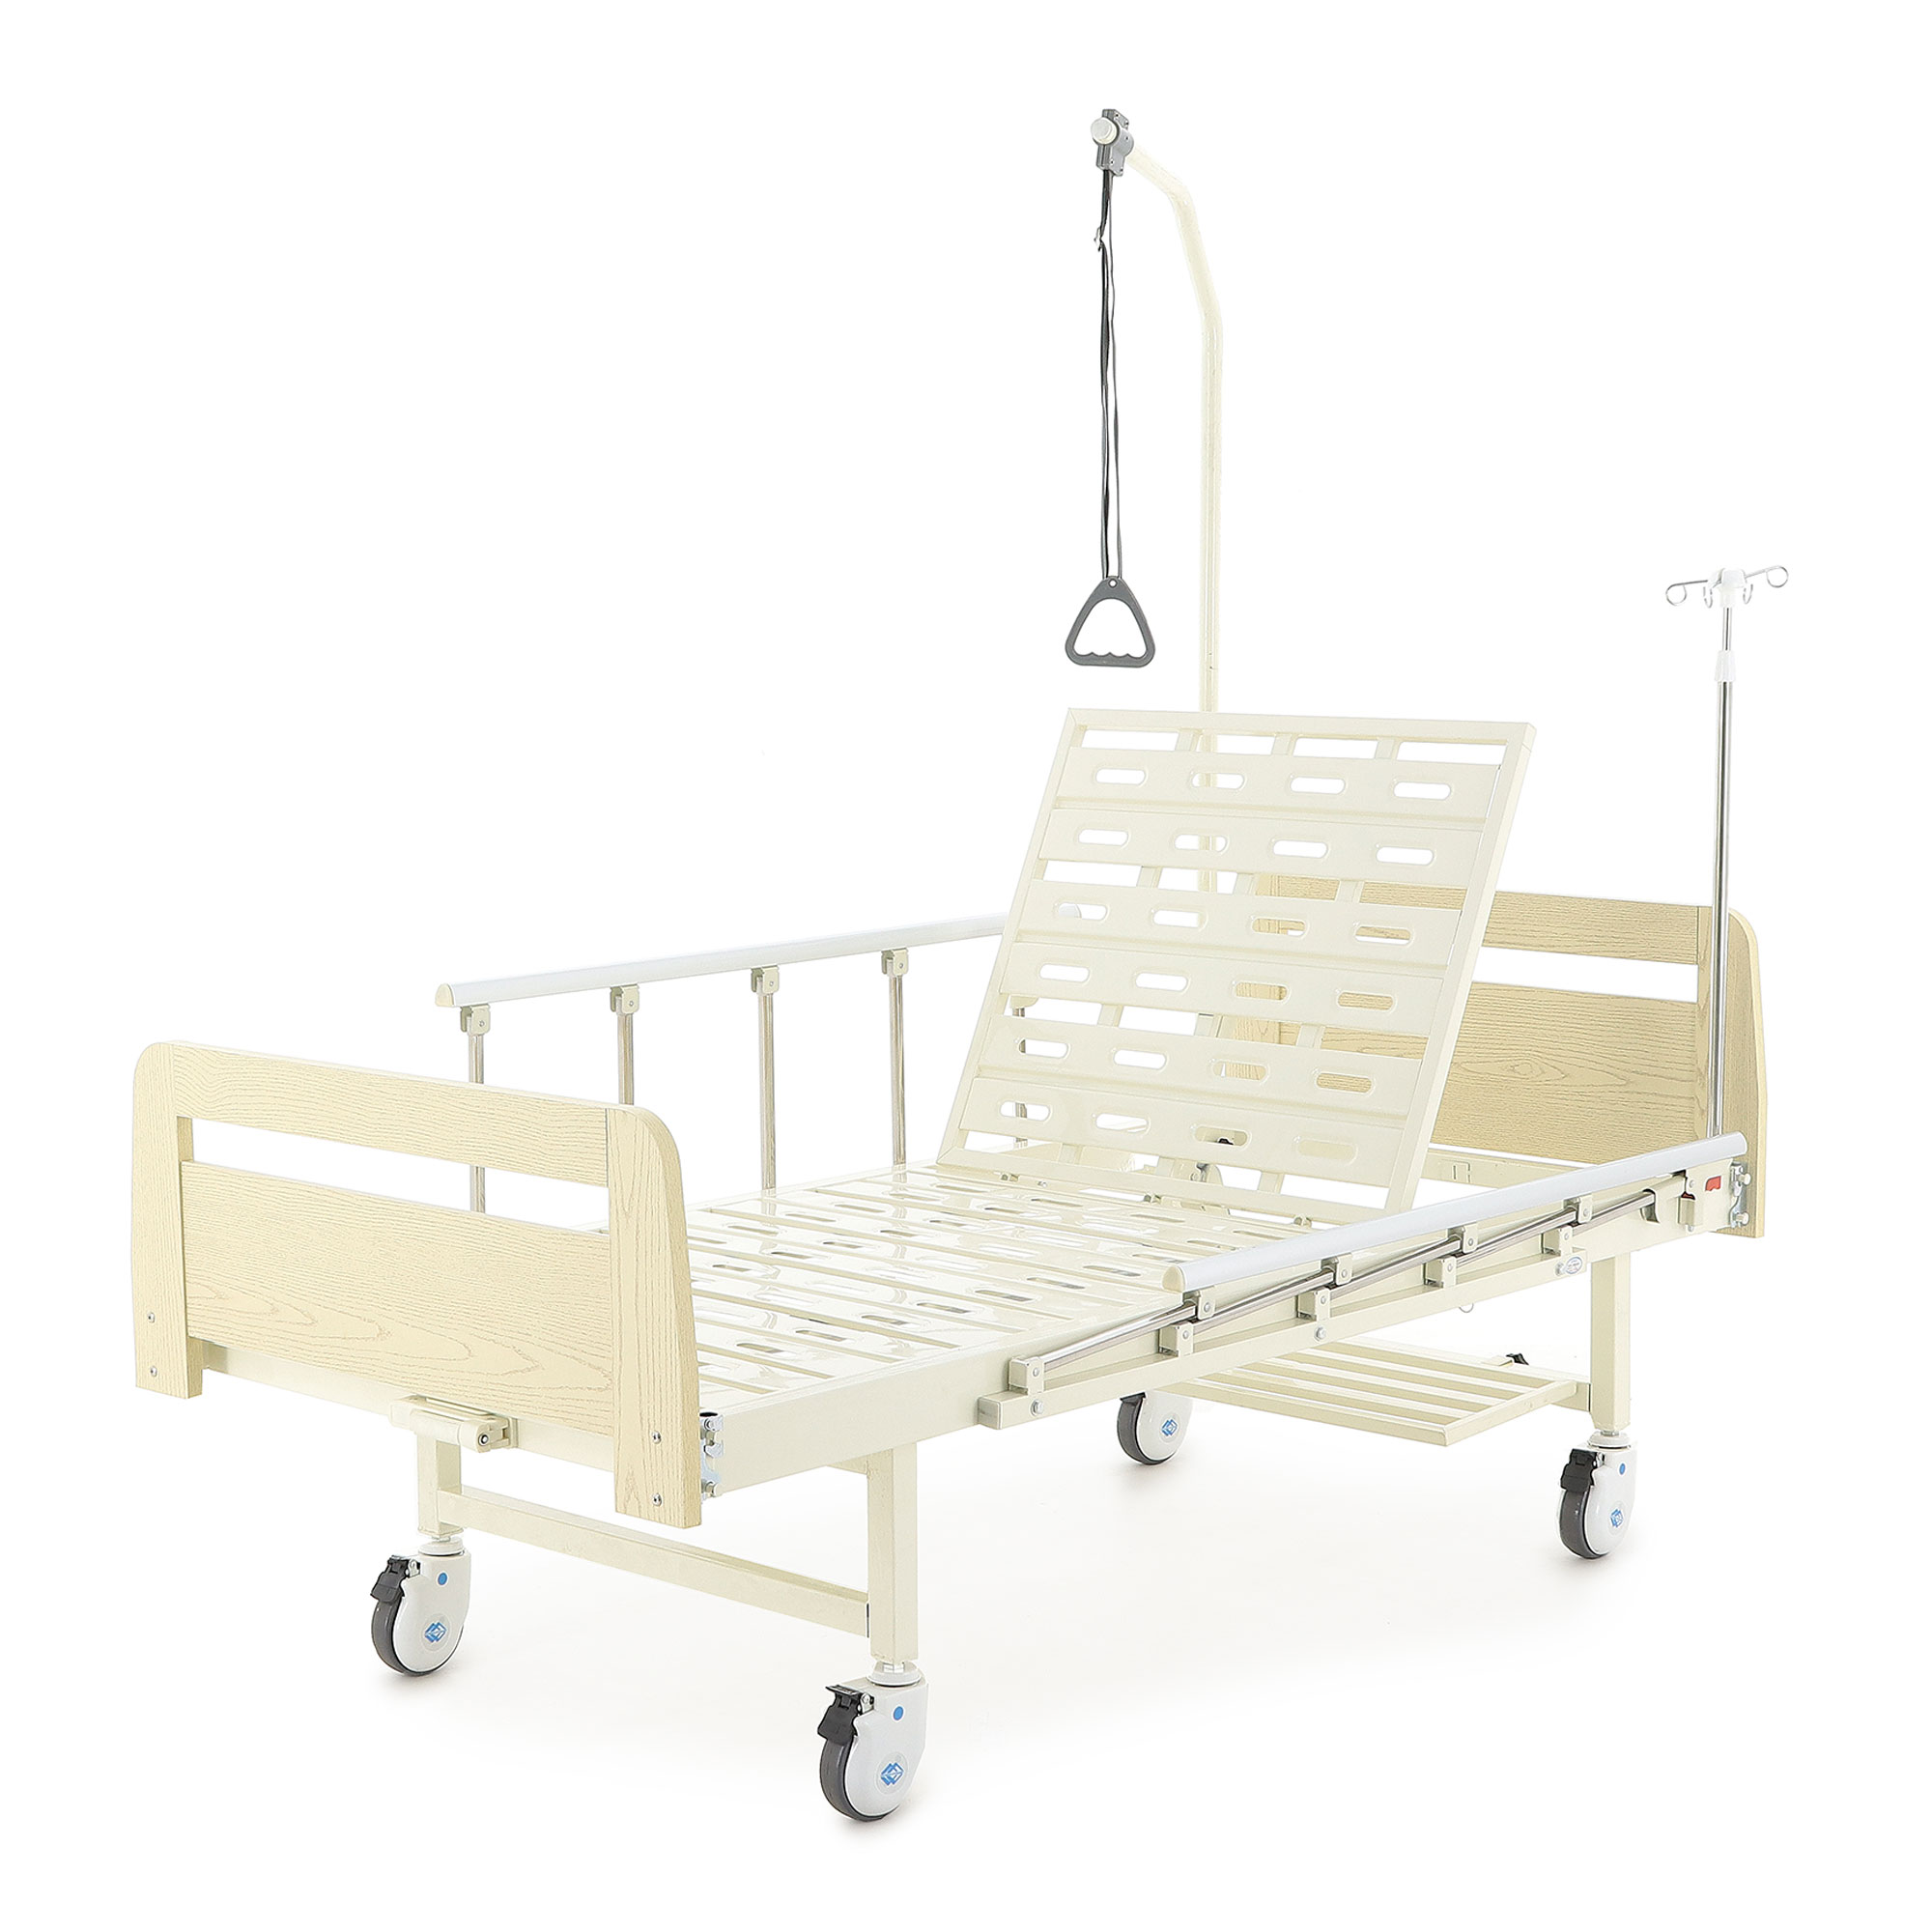 Кровать механическая Мед-Мос E-17B (ММ-1024Д-00) ЛДСП (1 функция)